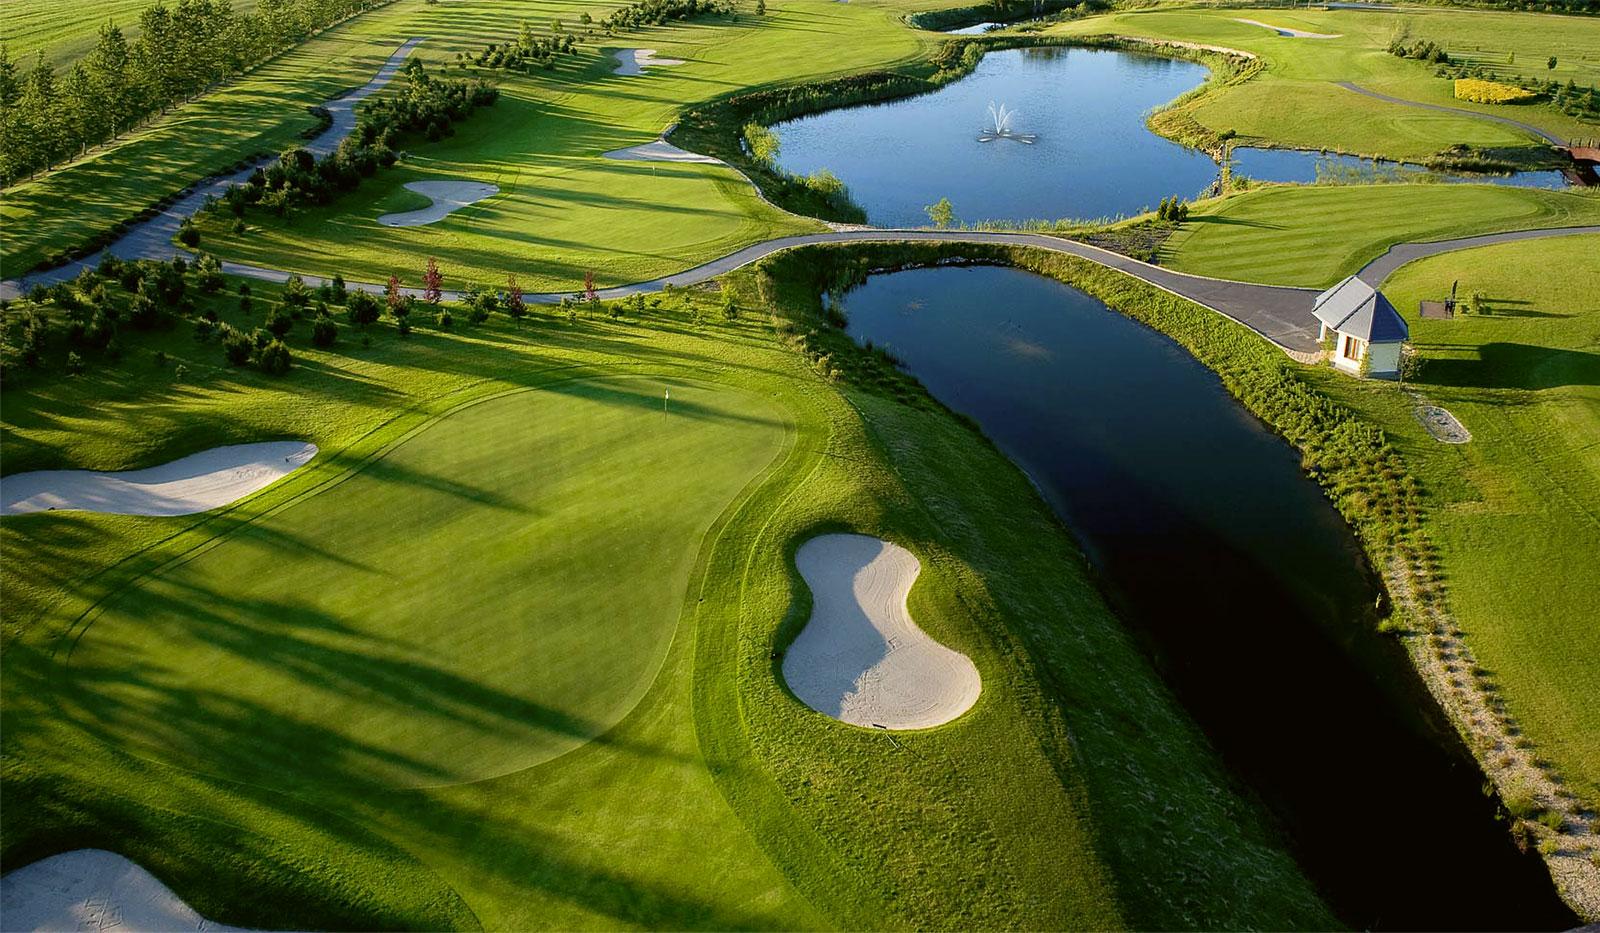 golfplatz polen - Hinnerk auf Tour - Ab nach Polen!